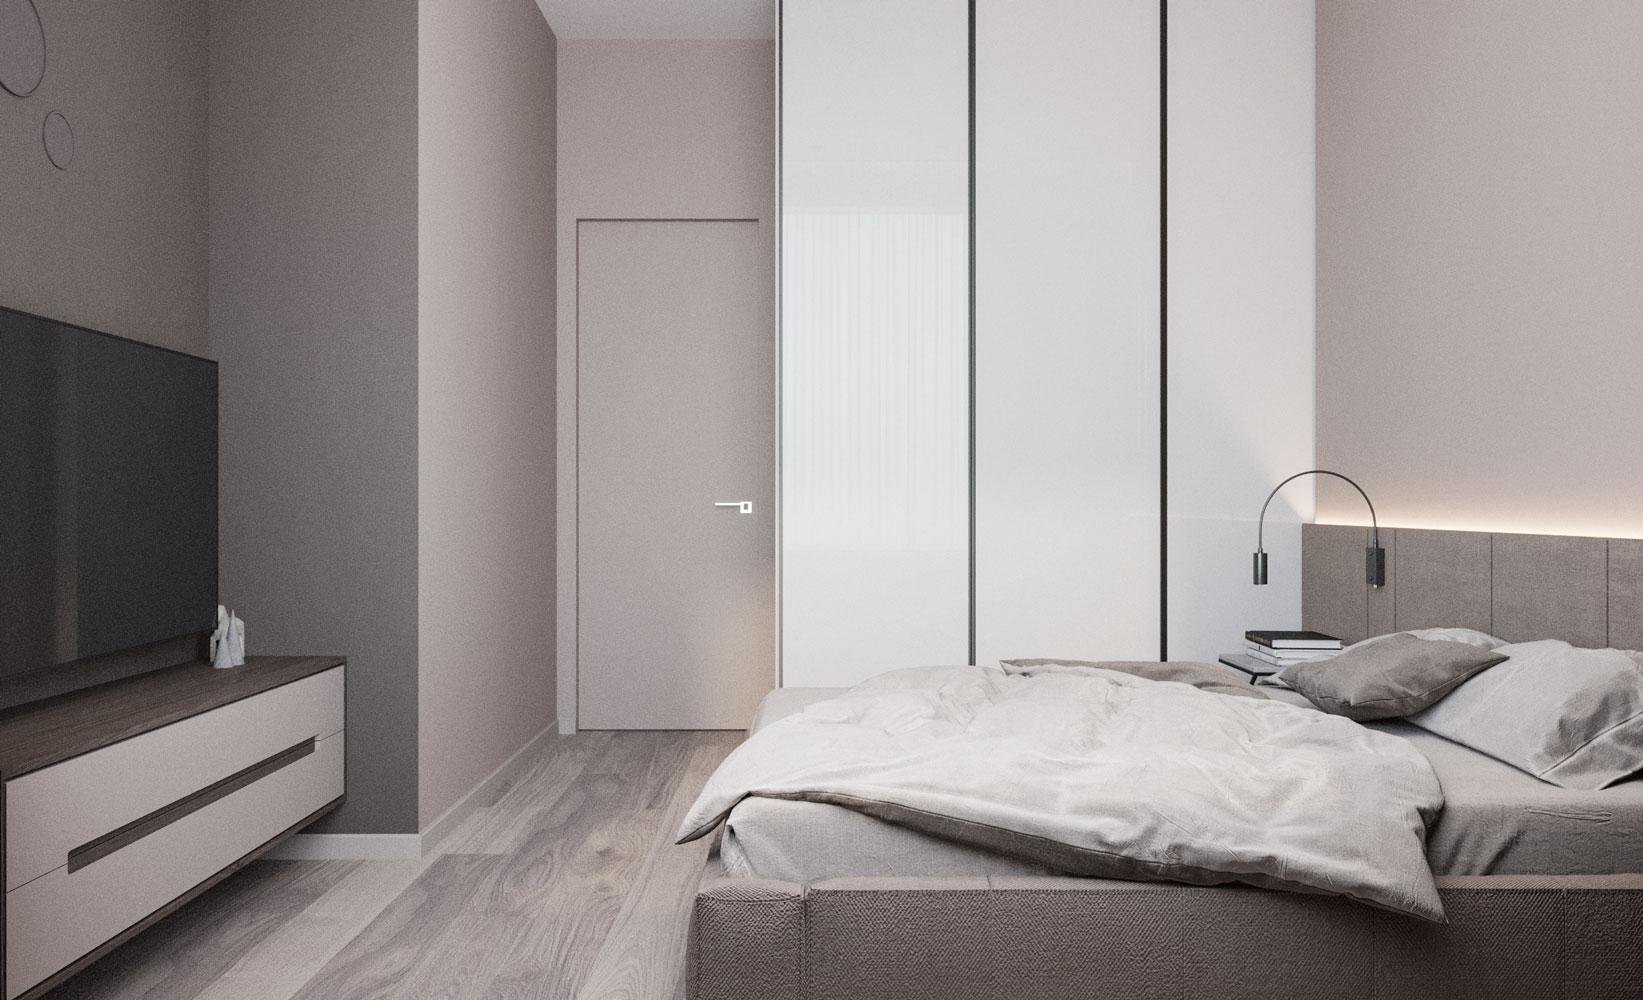 Встроенный шкаф для одежды, зона ТВ с декоративными бра на стене, подсветка за кроватью - сочетают в себе функциональность и стиль